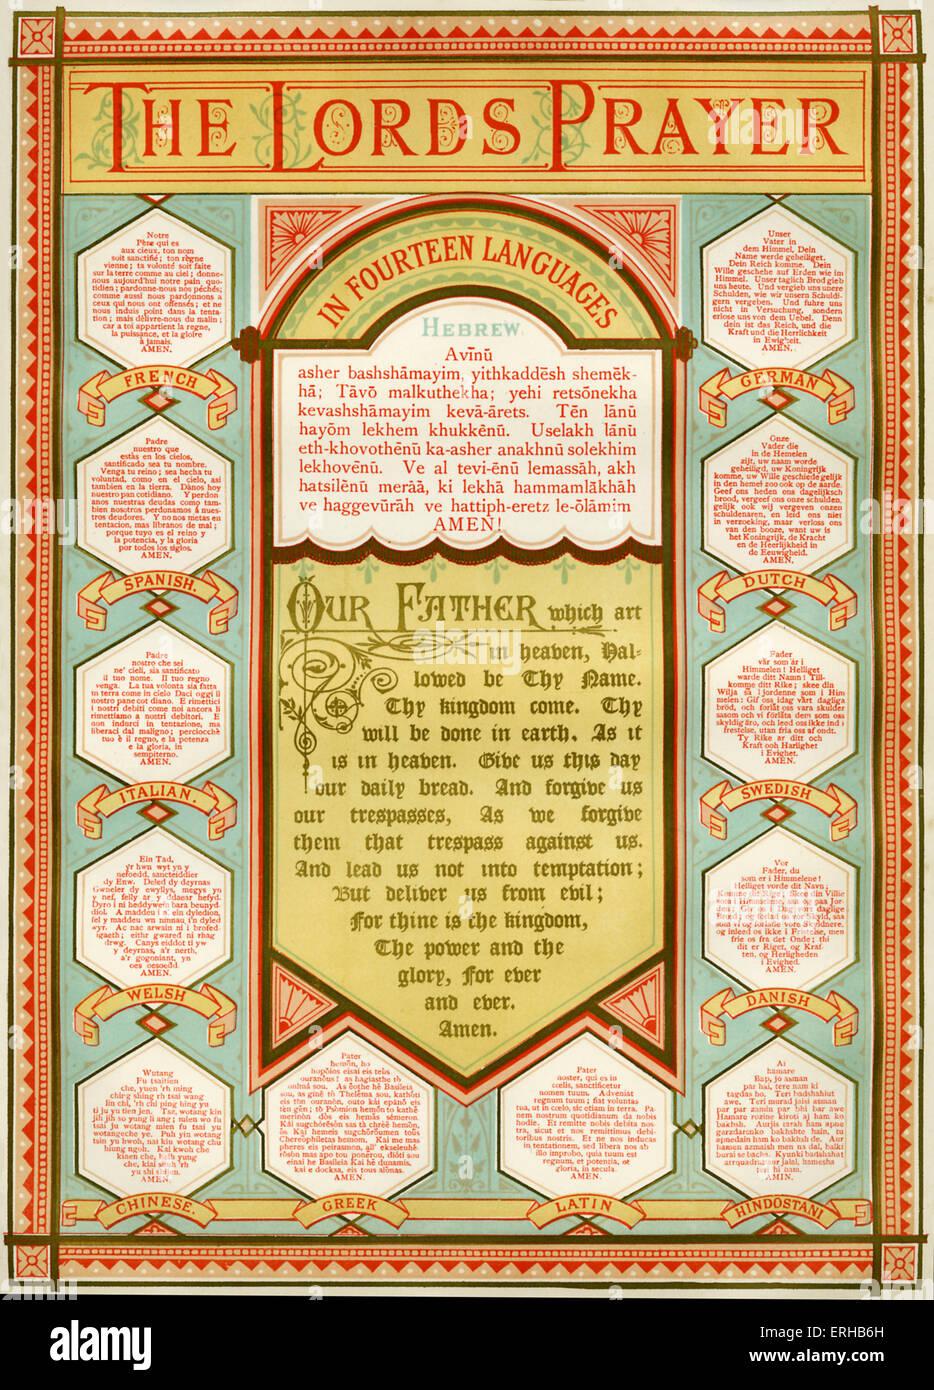 Versión ilustrada de la Oración del Señor en 14 idiomas, incluyendo el Hebreo, Francés, Español, Imagen De Stock